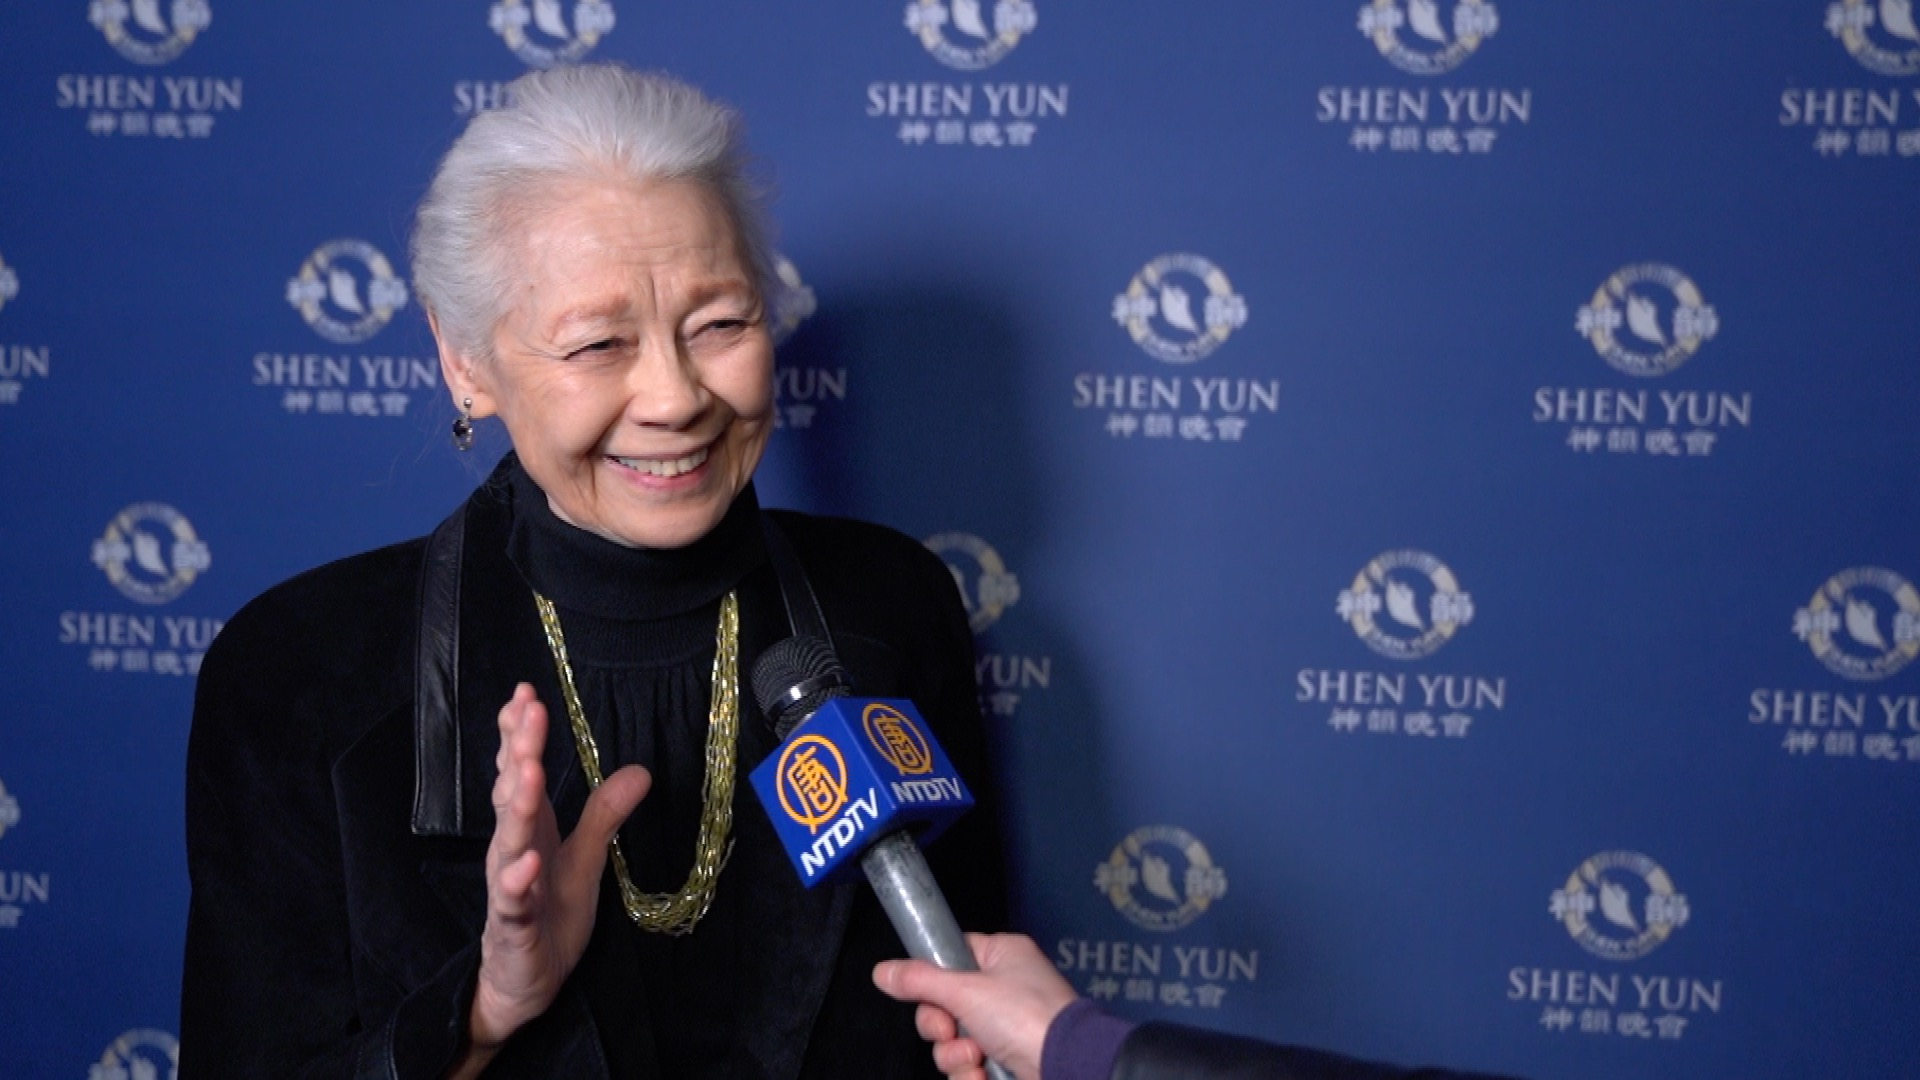 Award-Winning Dancer: Shen Yun Is 'World-Class'